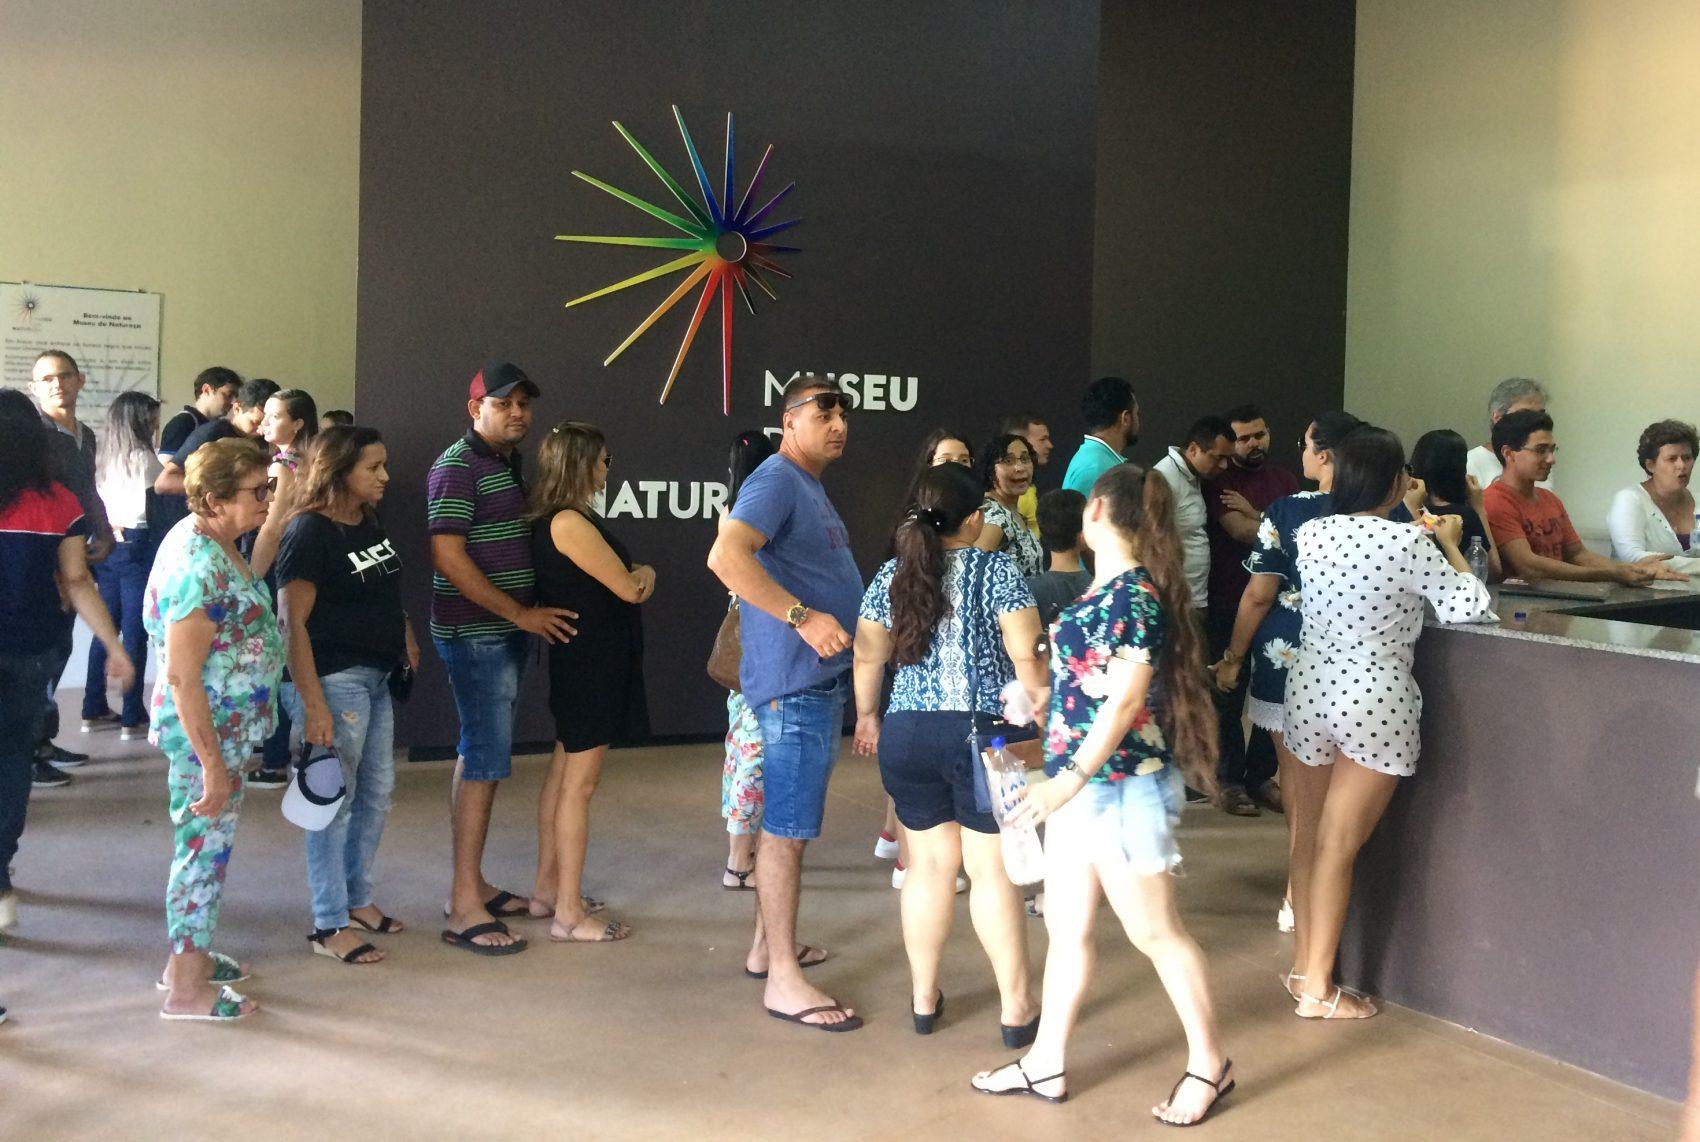 Filas no Museu da Natureza: em pouco mais de três meses, lugar atraiu 19 mil visitantes, quase o total do público recebido pelo Parque Nacional da Serra da Capivara em 2018 (Foto: Eduardo Carvalho)